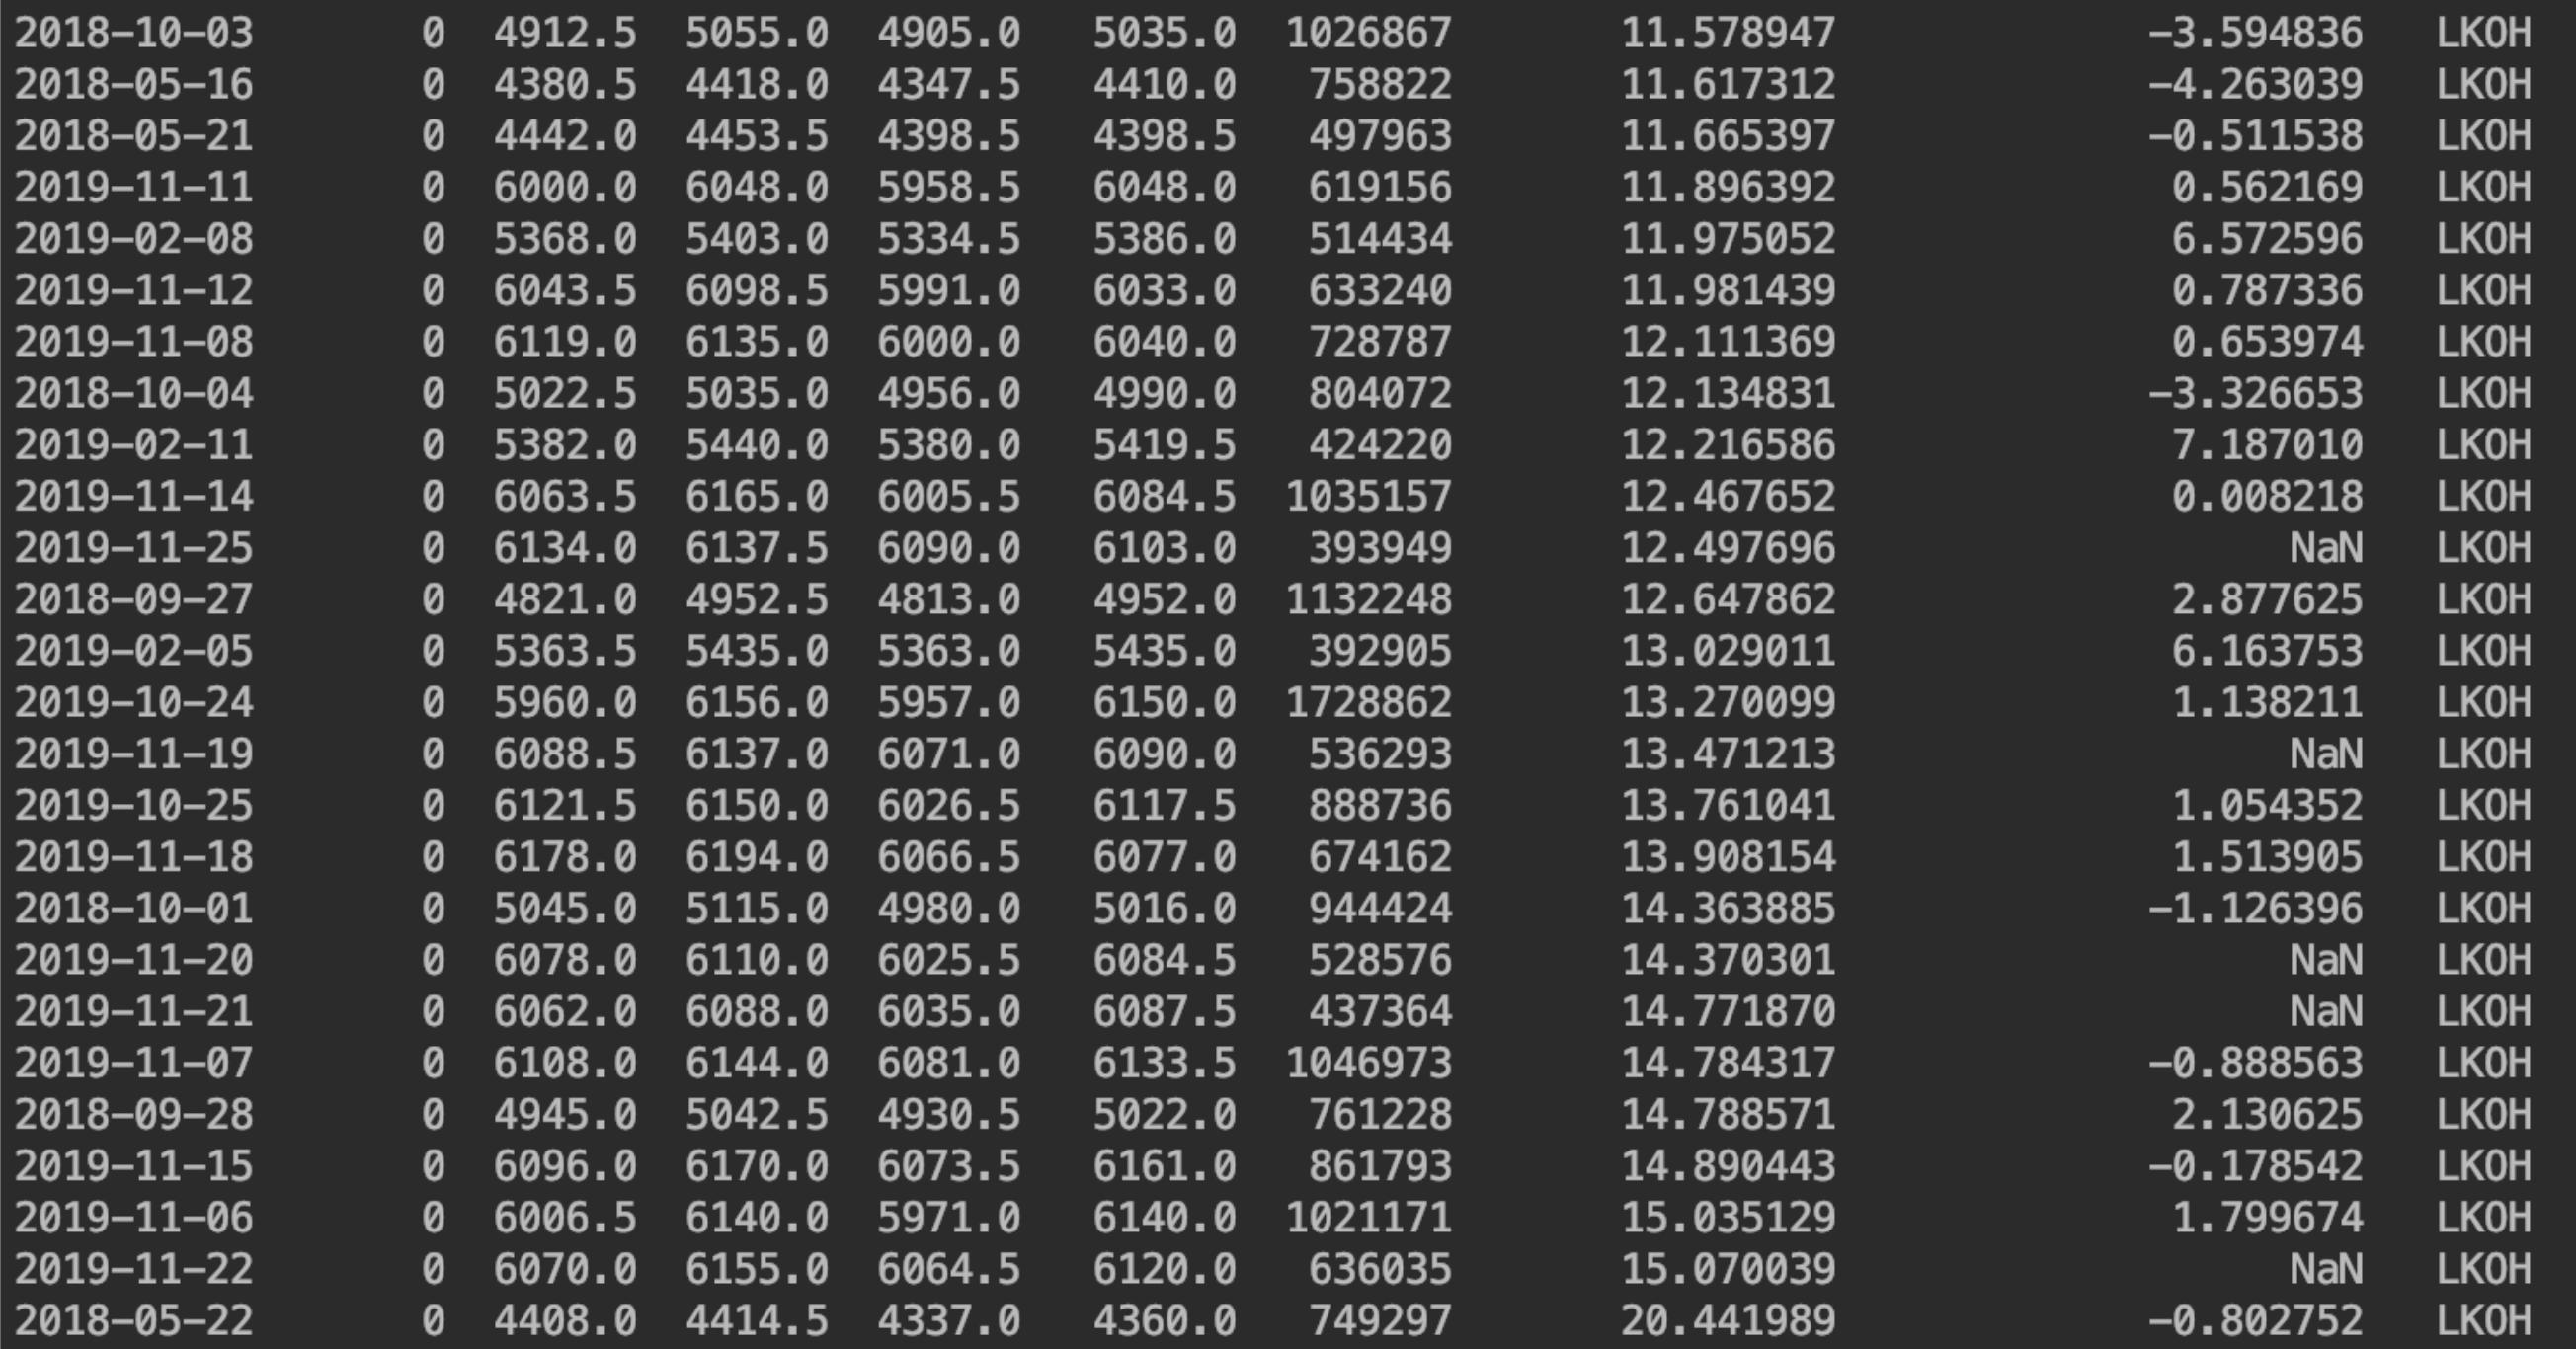 Перспективны ли просевшие акции? Проанализируем с помощью python - 5